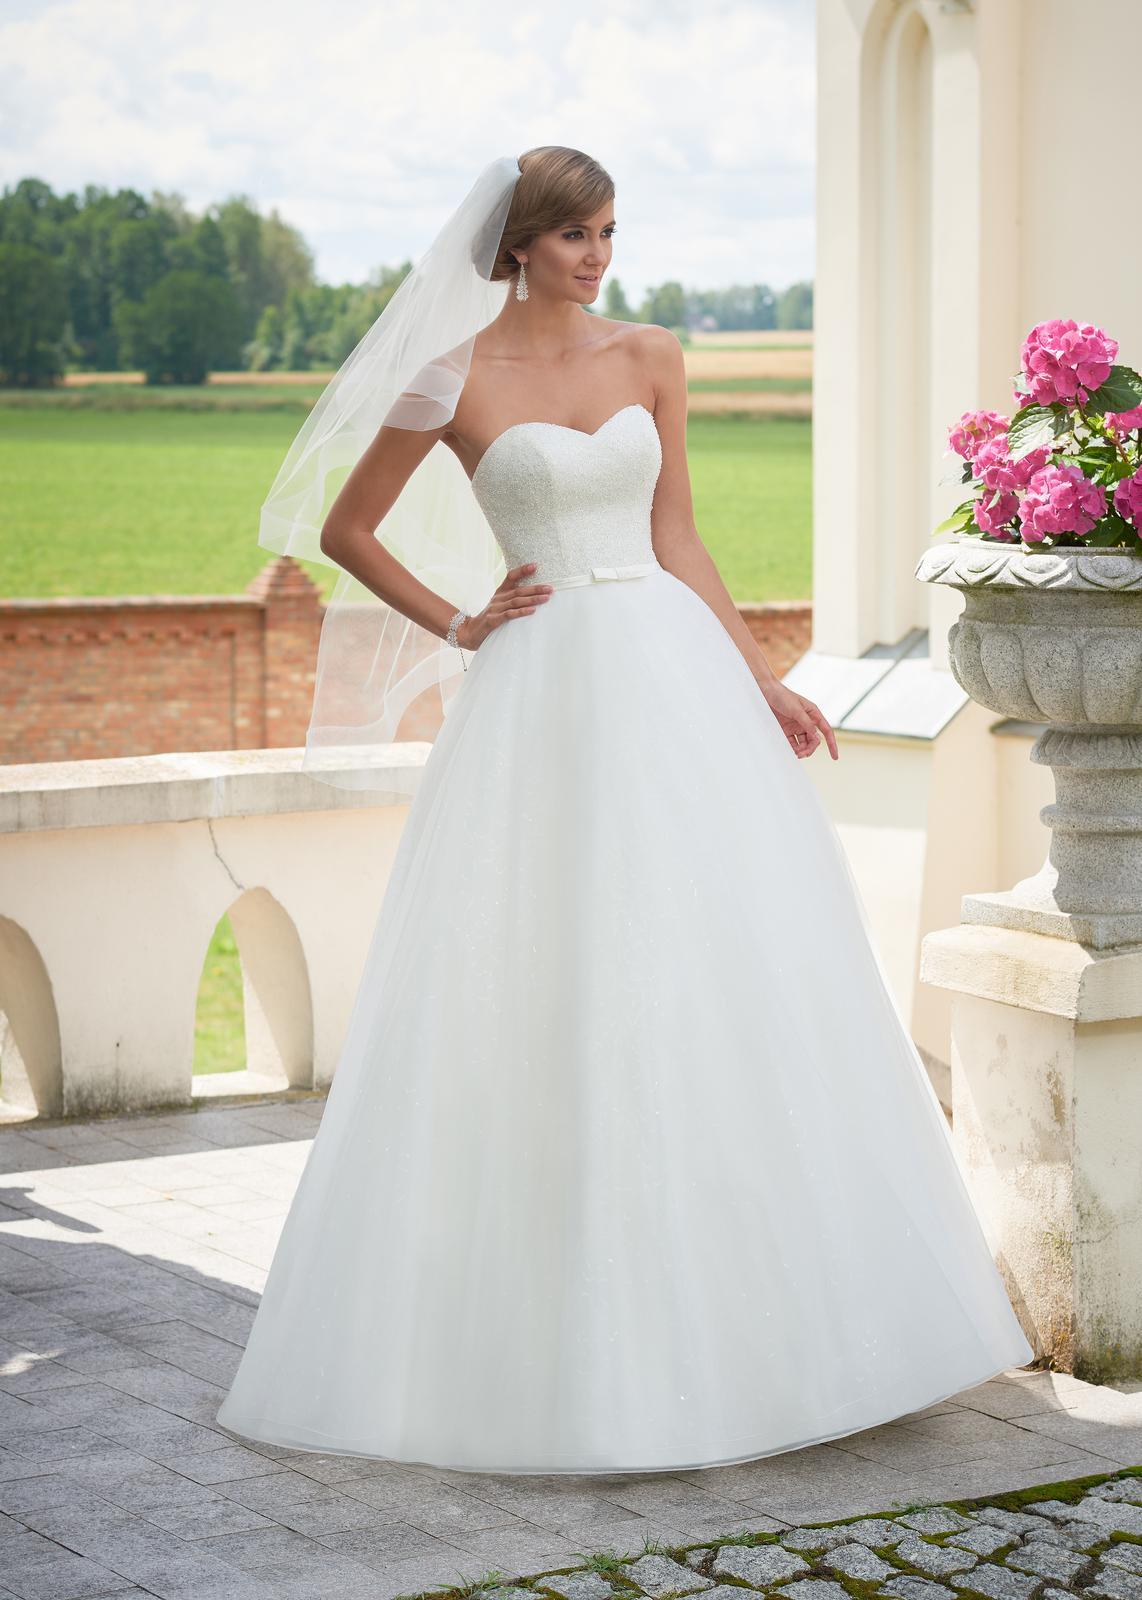 Svadobné šaty Kylie - Obrázok č. 1